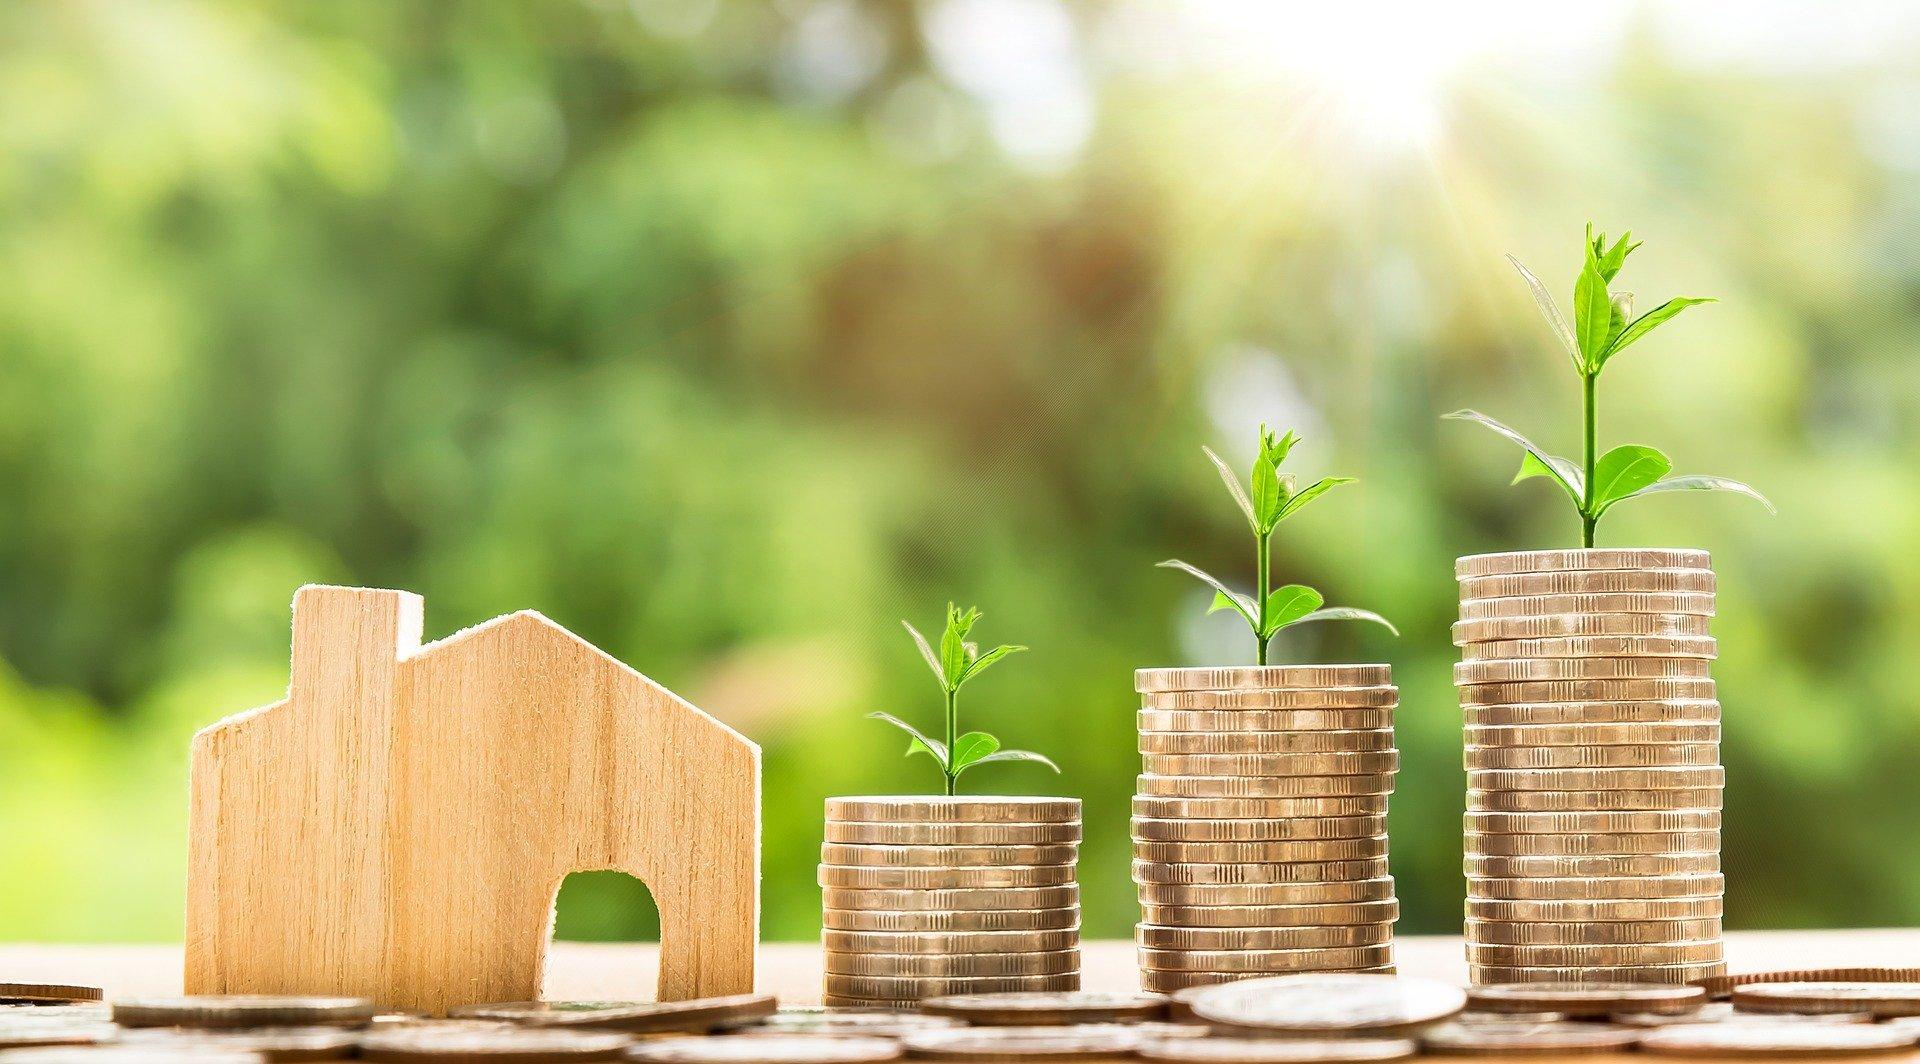 זינוק כלכלי. איור: Image by Nattanan Kanchanaprat from Pixabay